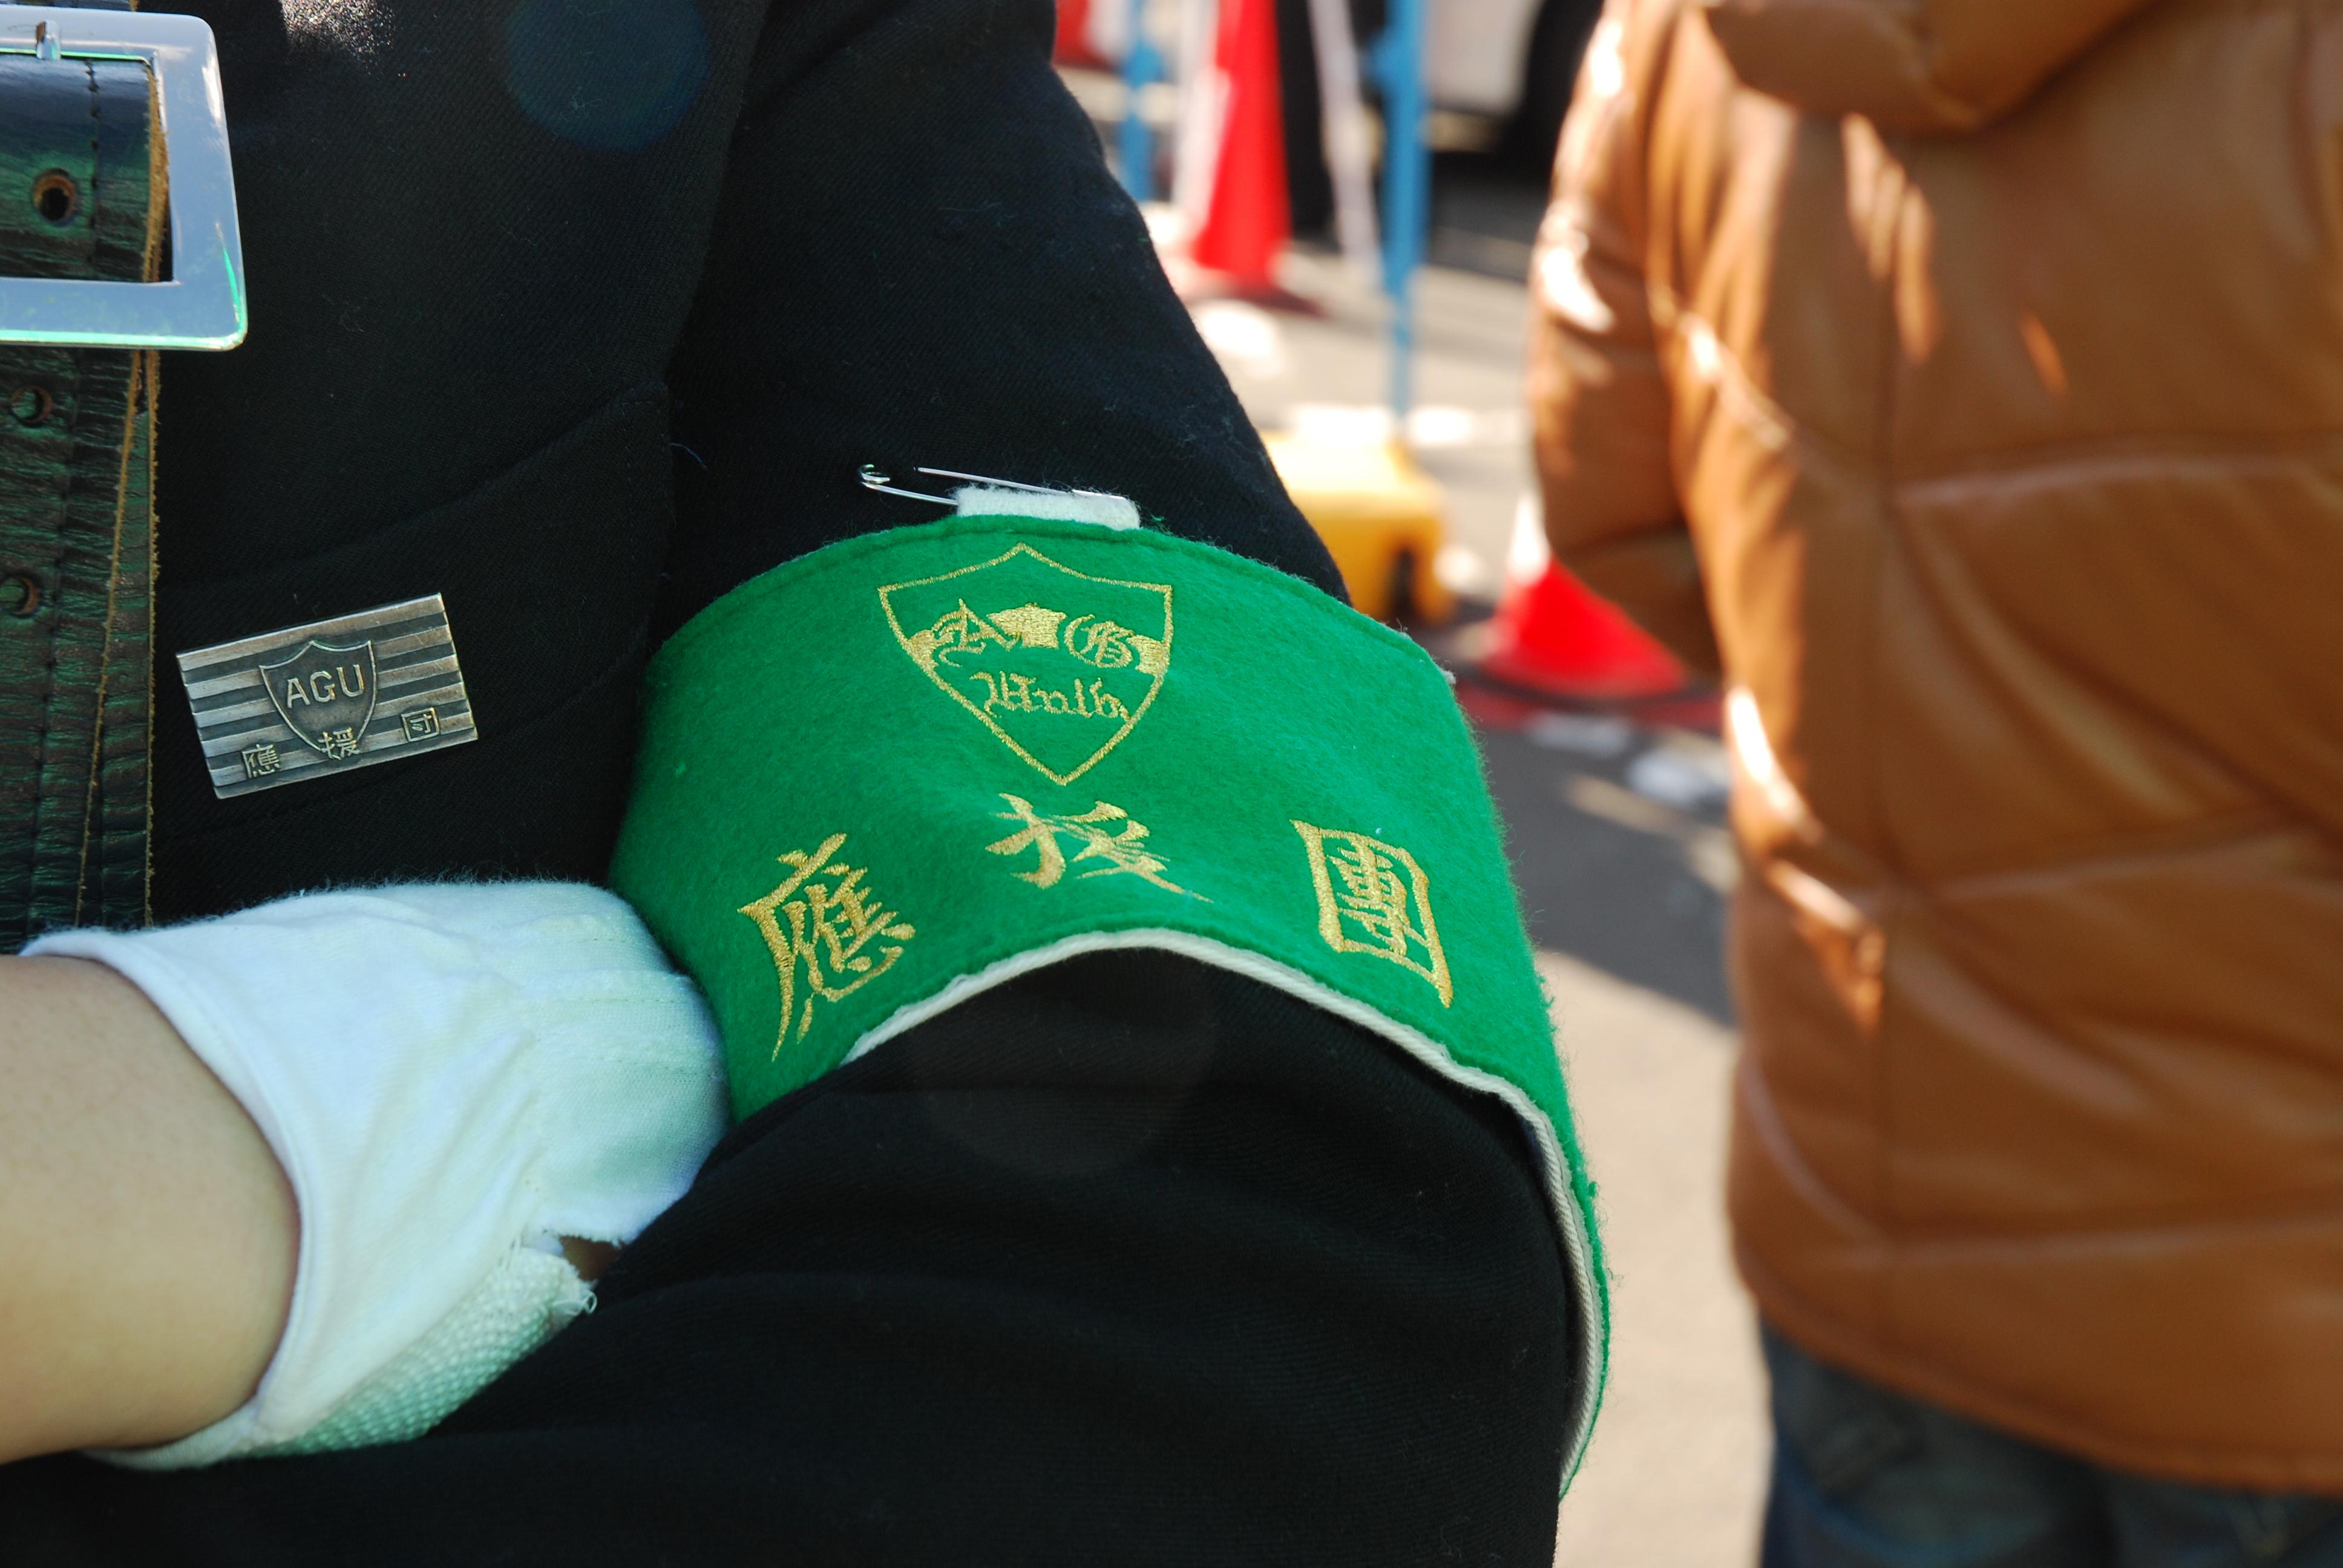 http://www.agu-ouendan.jp/images/DSC_0202.JPG